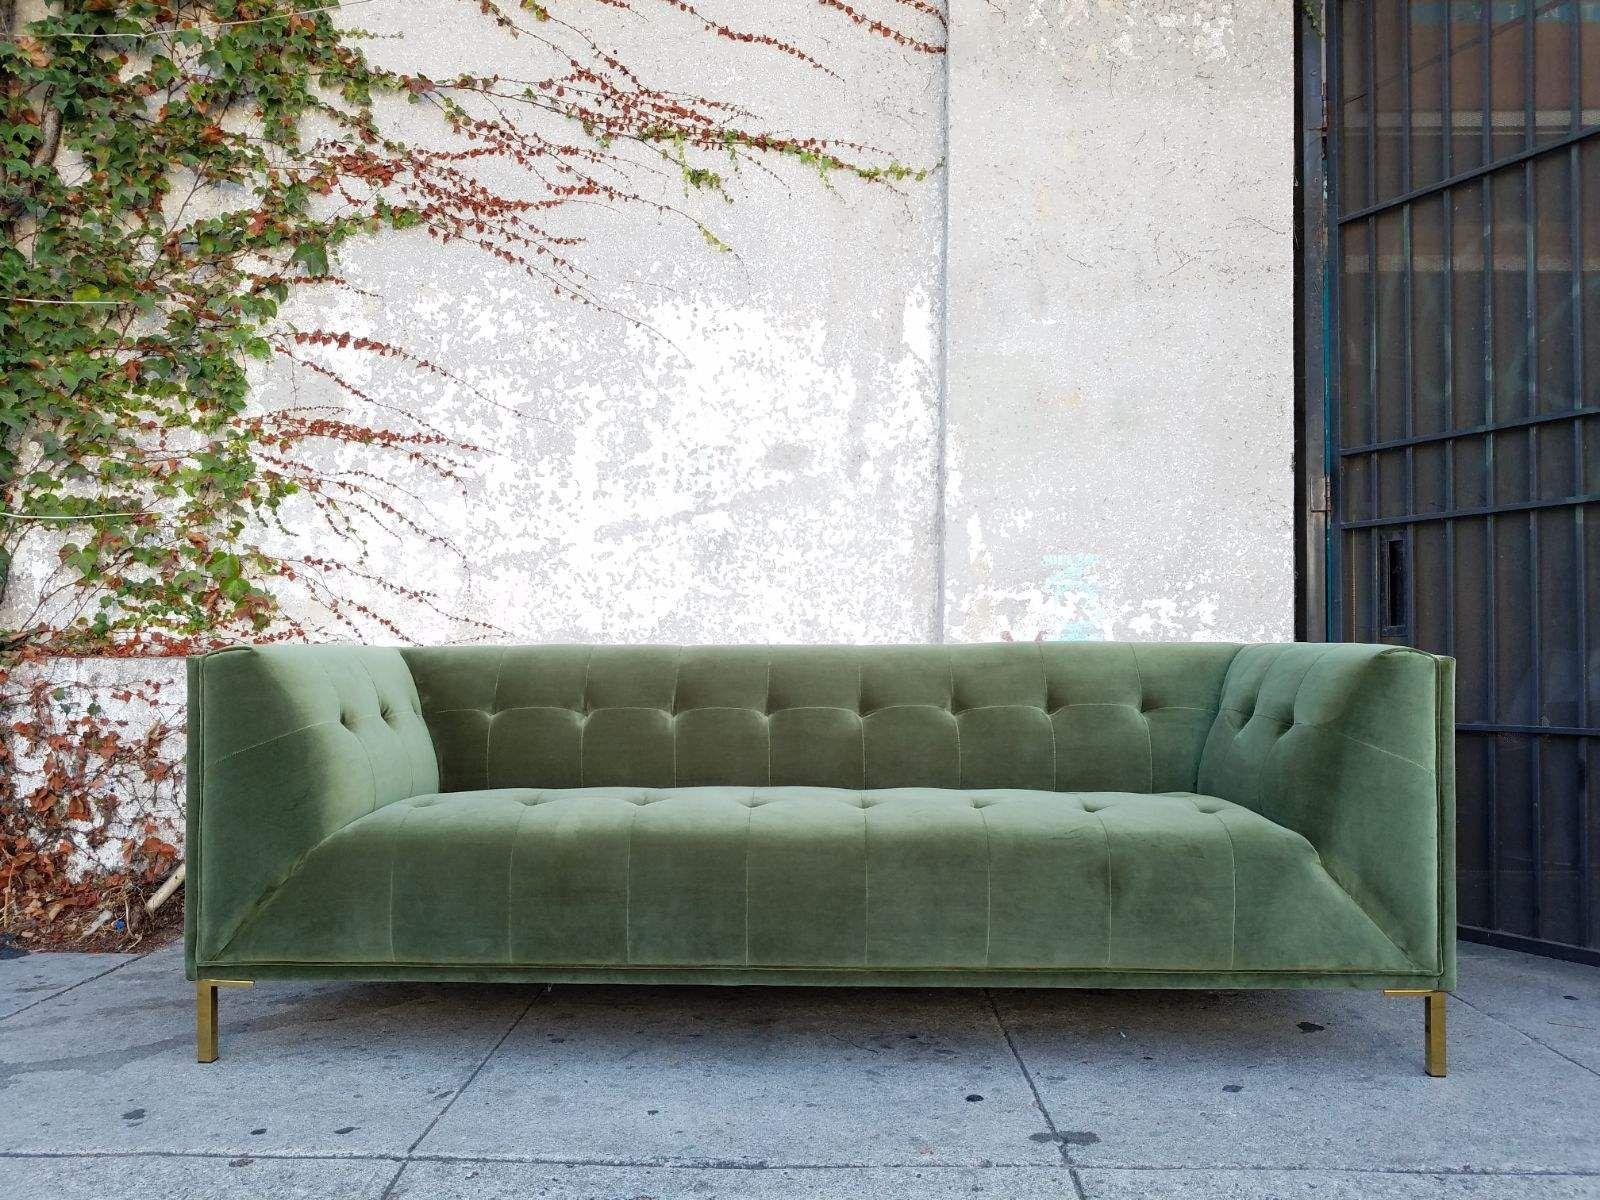 Remarkable Sage Green Velvet Sofa Green Velvet Sofa Velvet Sofa Green Sofa